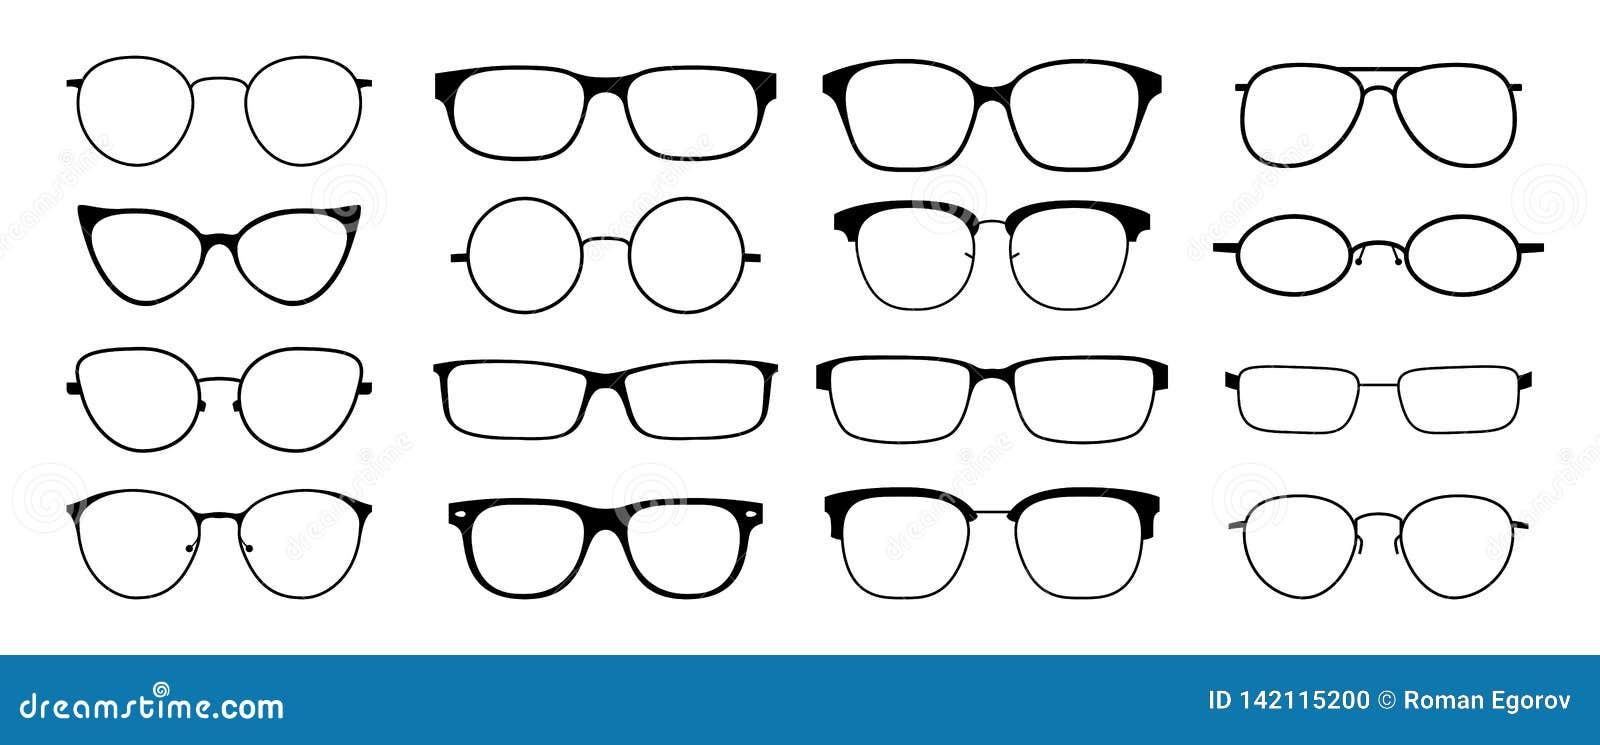 Glazensilhouet De het kaderreeks van zonglazen hipster, vormt zwarte plastic randen, ronde retro nerdglazen van de geekstijl